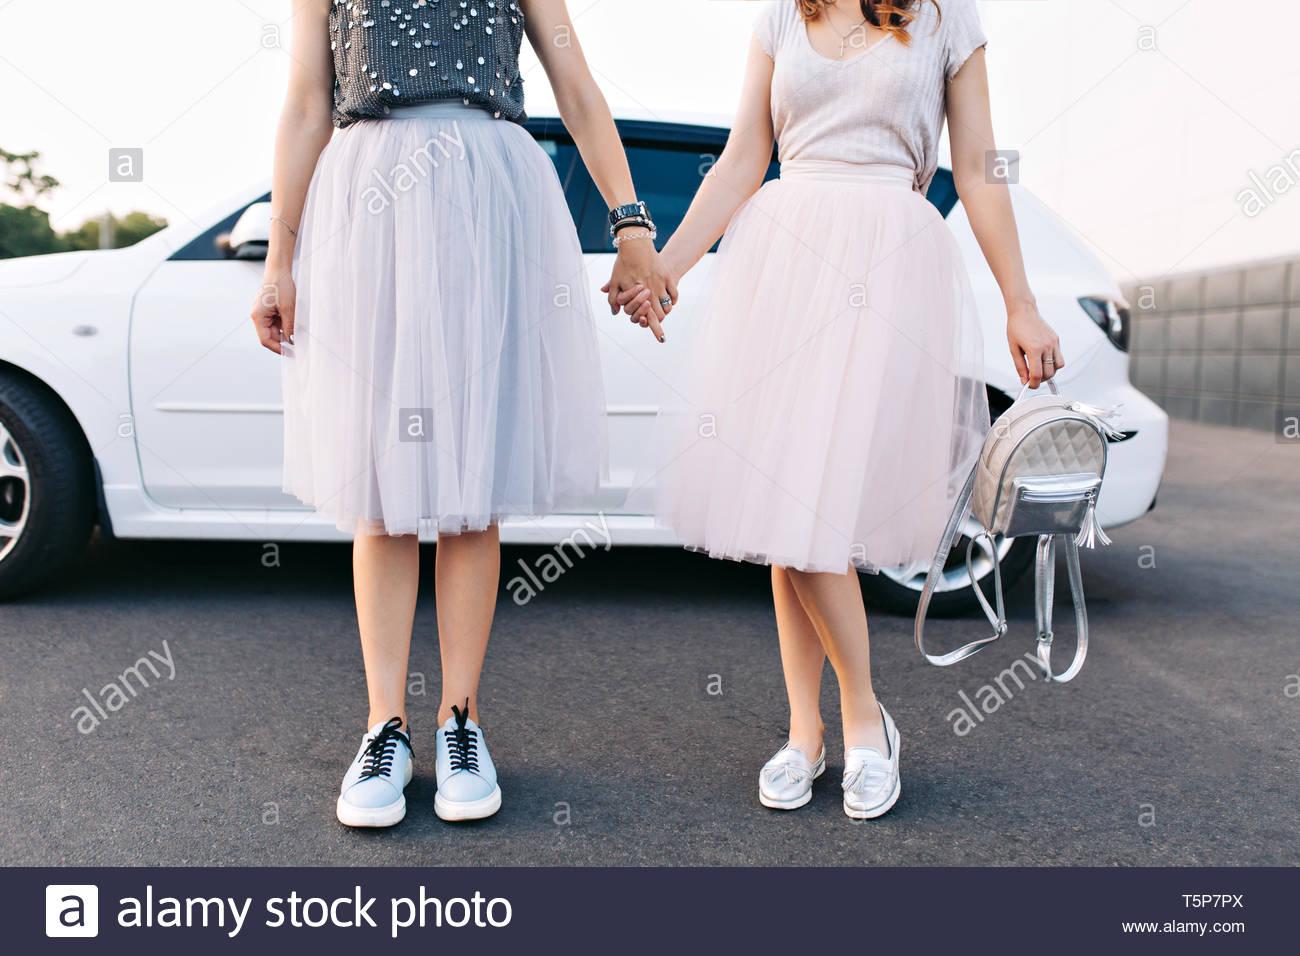 ac441a80a Cuerpos de modelos de moda en faldas de tul amd sneakers en coche blanco de  fondo. Ellos tomados de las manos · Look Studio / Alamy Foto de stock